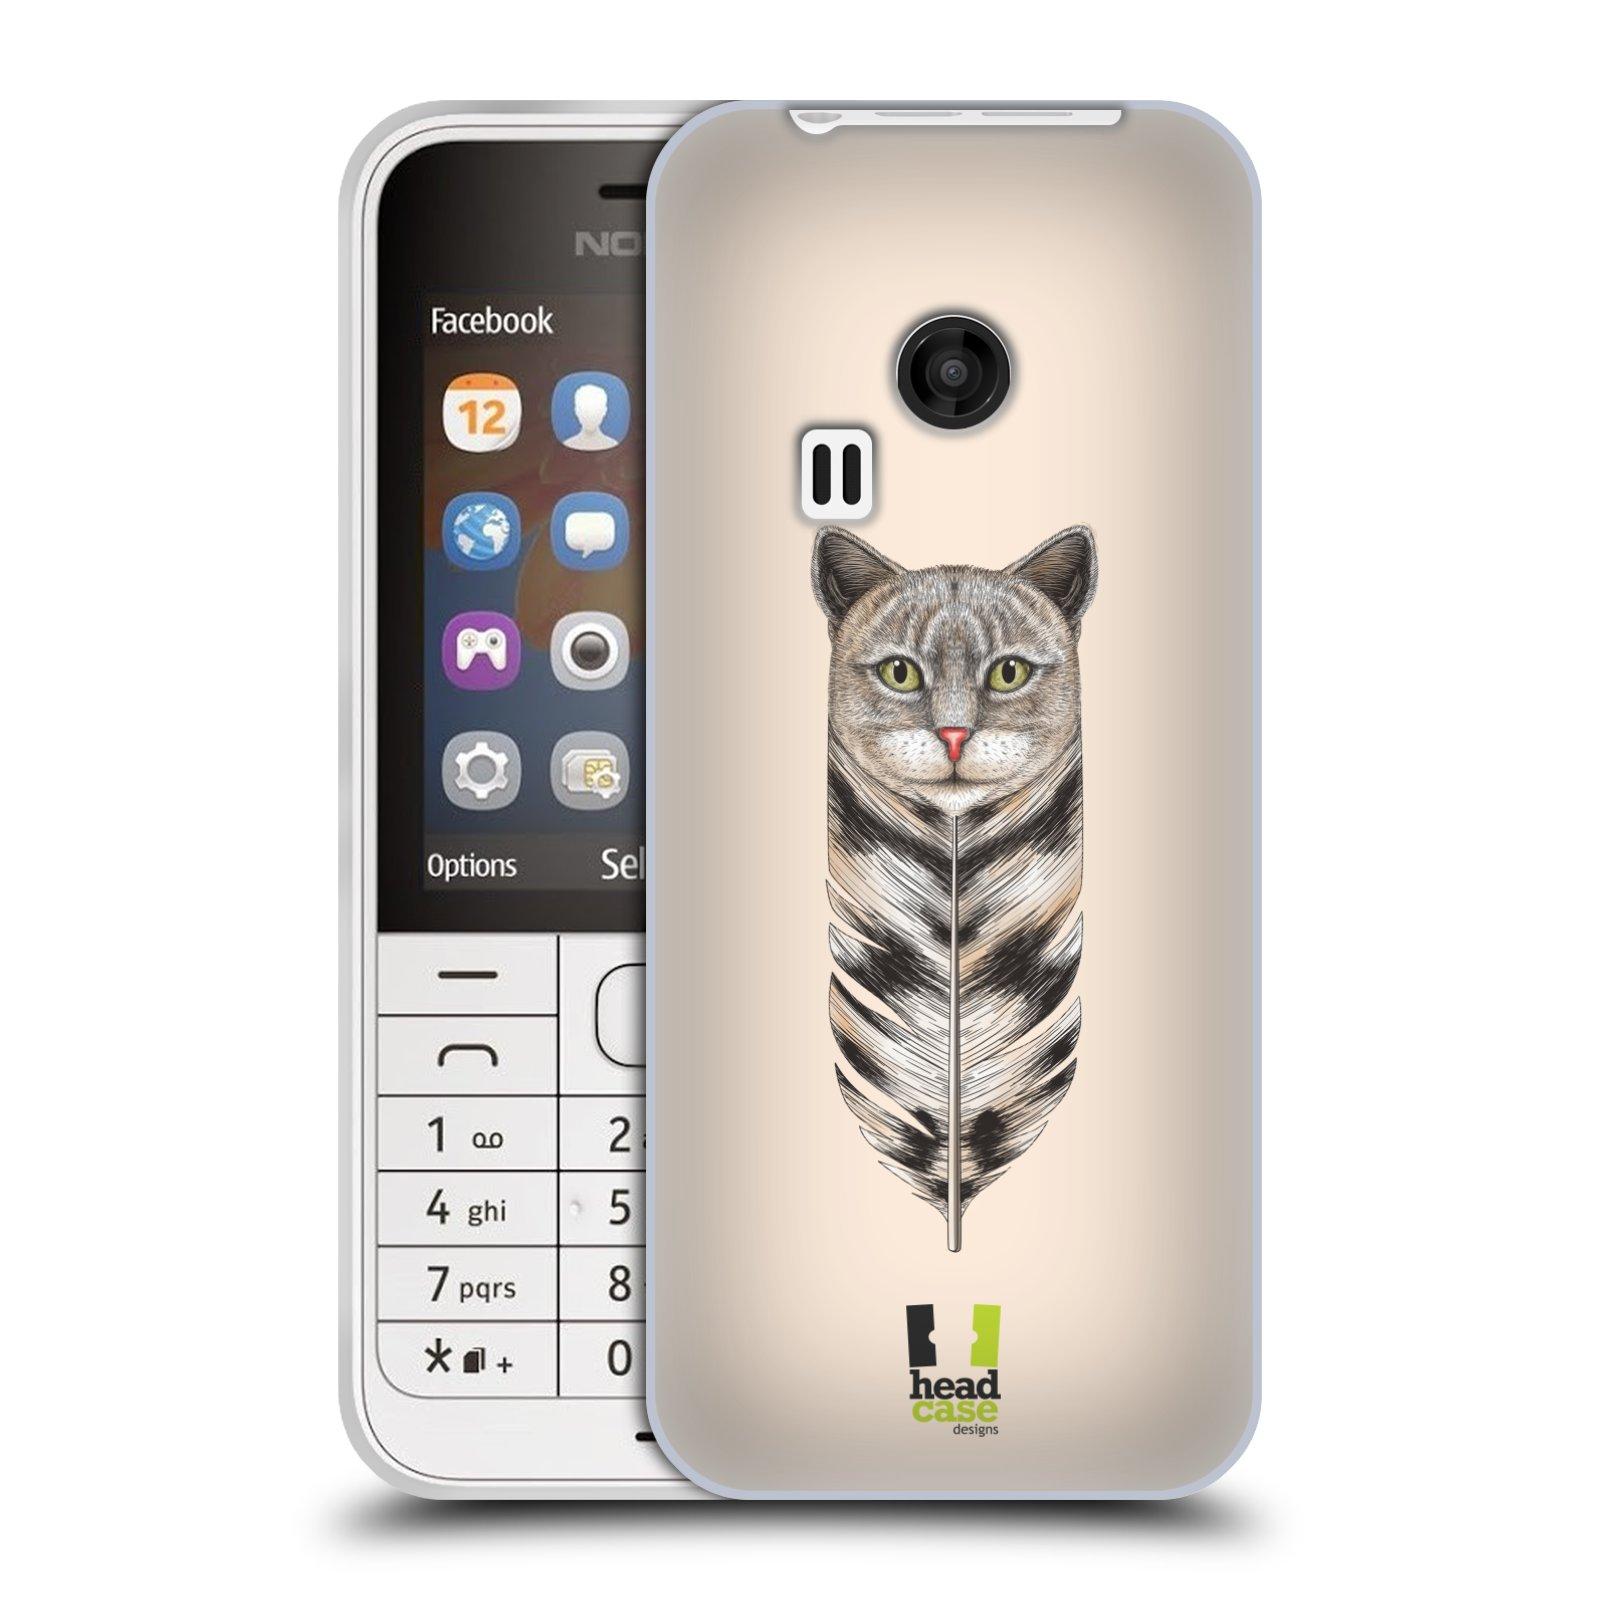 Silikonové pouzdro na mobil Nokia 220 HEAD CASE PÍRKO KOČKA (Silikonový kryt či obal na mobilní telefon Nokia 220 a 220 Dual SIM)